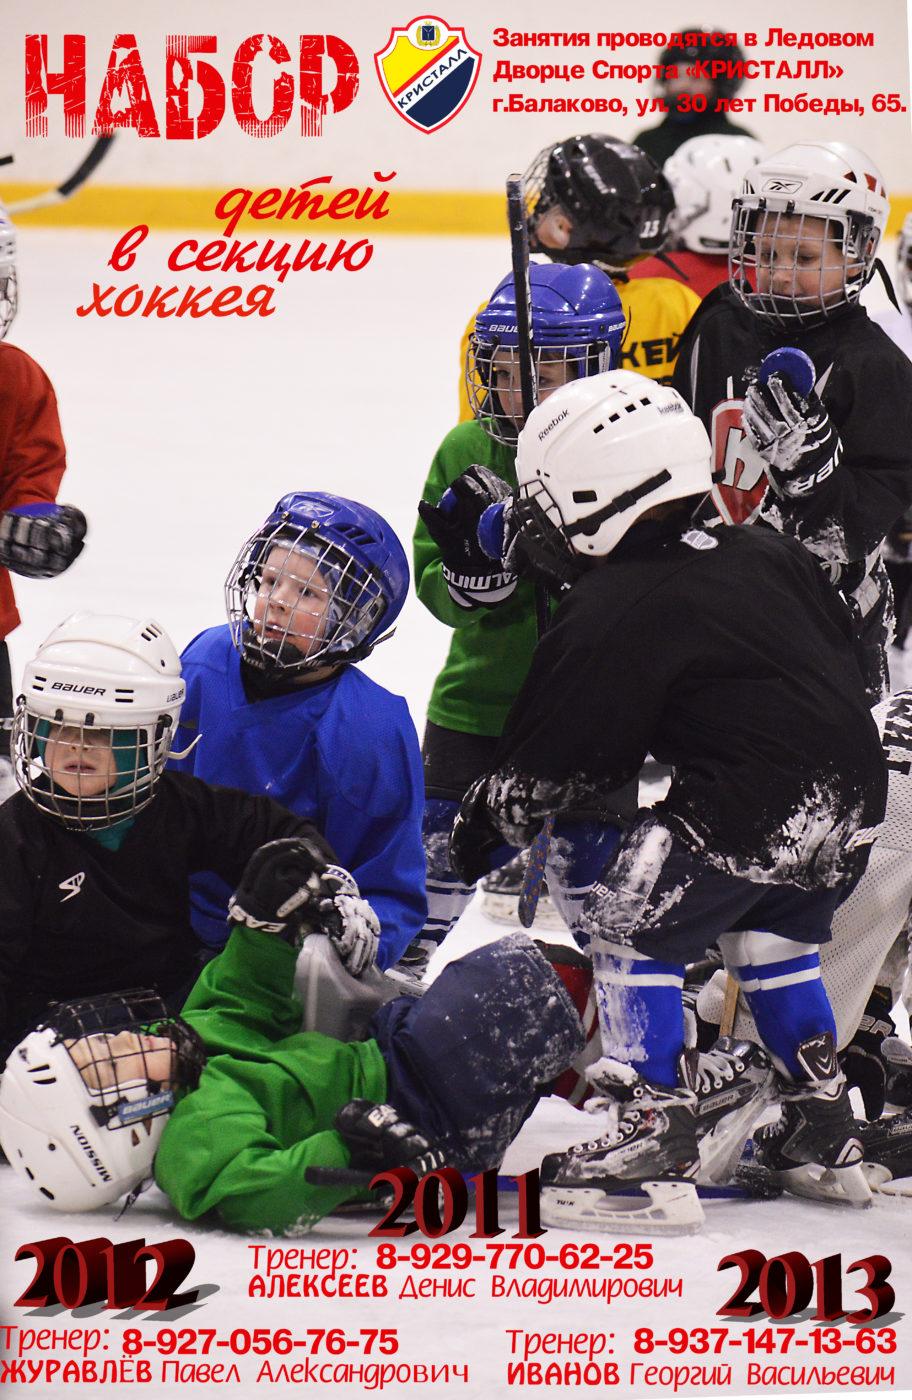 Школа олимпийского резерва в Балакове начала прием мальчишек и девчонок в секцию хоккея (видео)